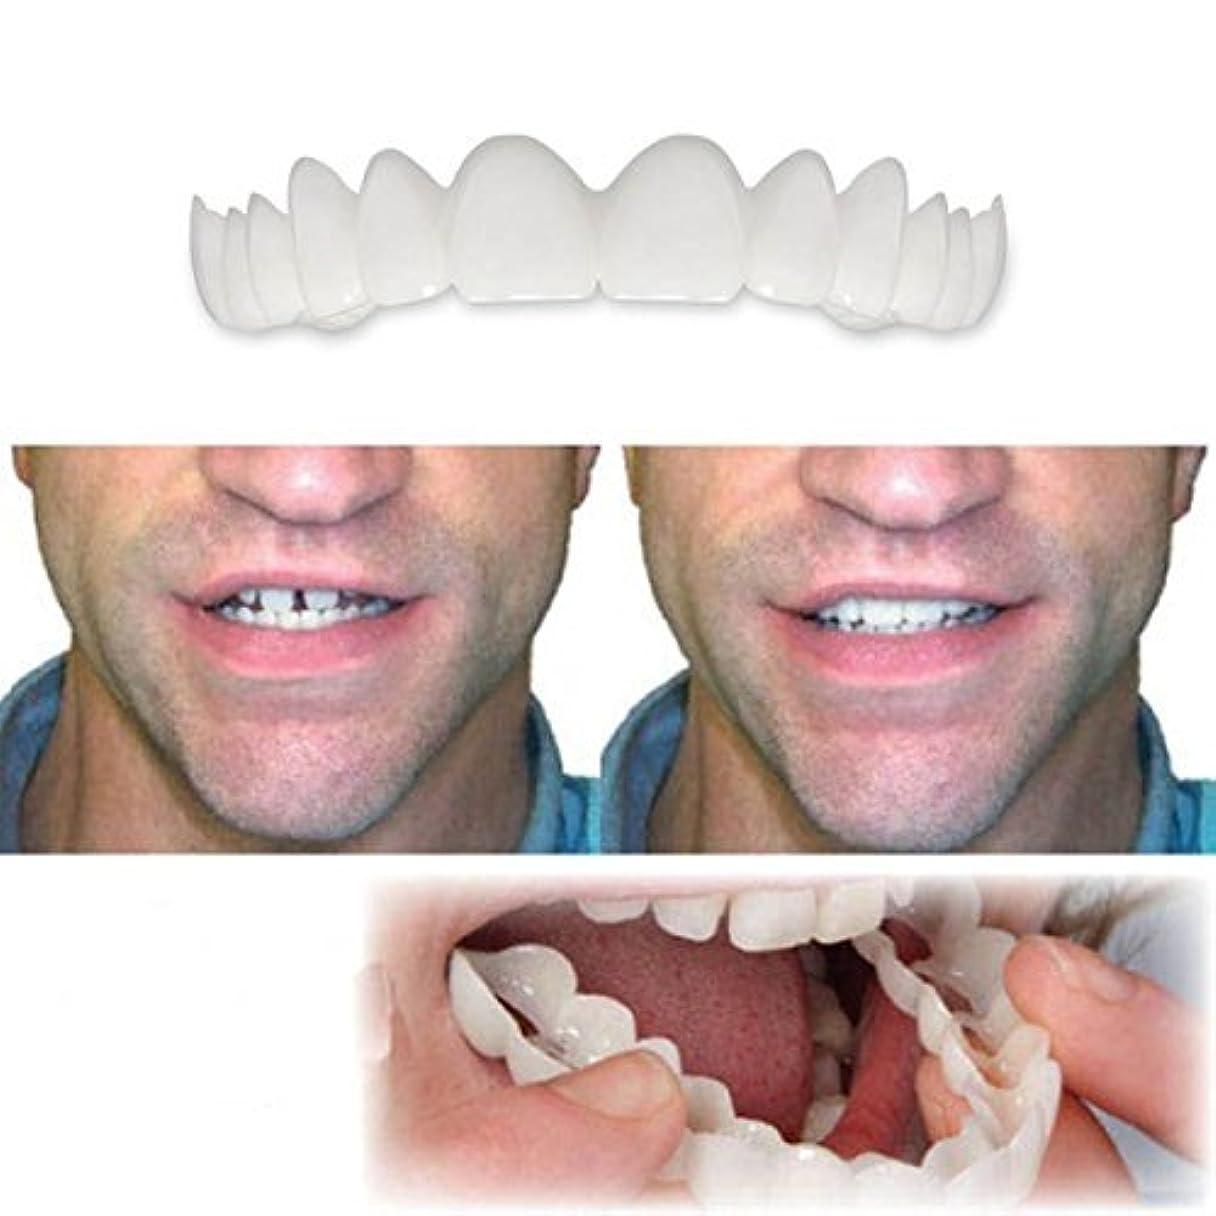 課す最小化する笑い義歯上下義歯インスタントスマイルコンフォートフィットフレックスコスメティックティーストップ化粧品突き合わせ箱入り(下+上),2Pairs